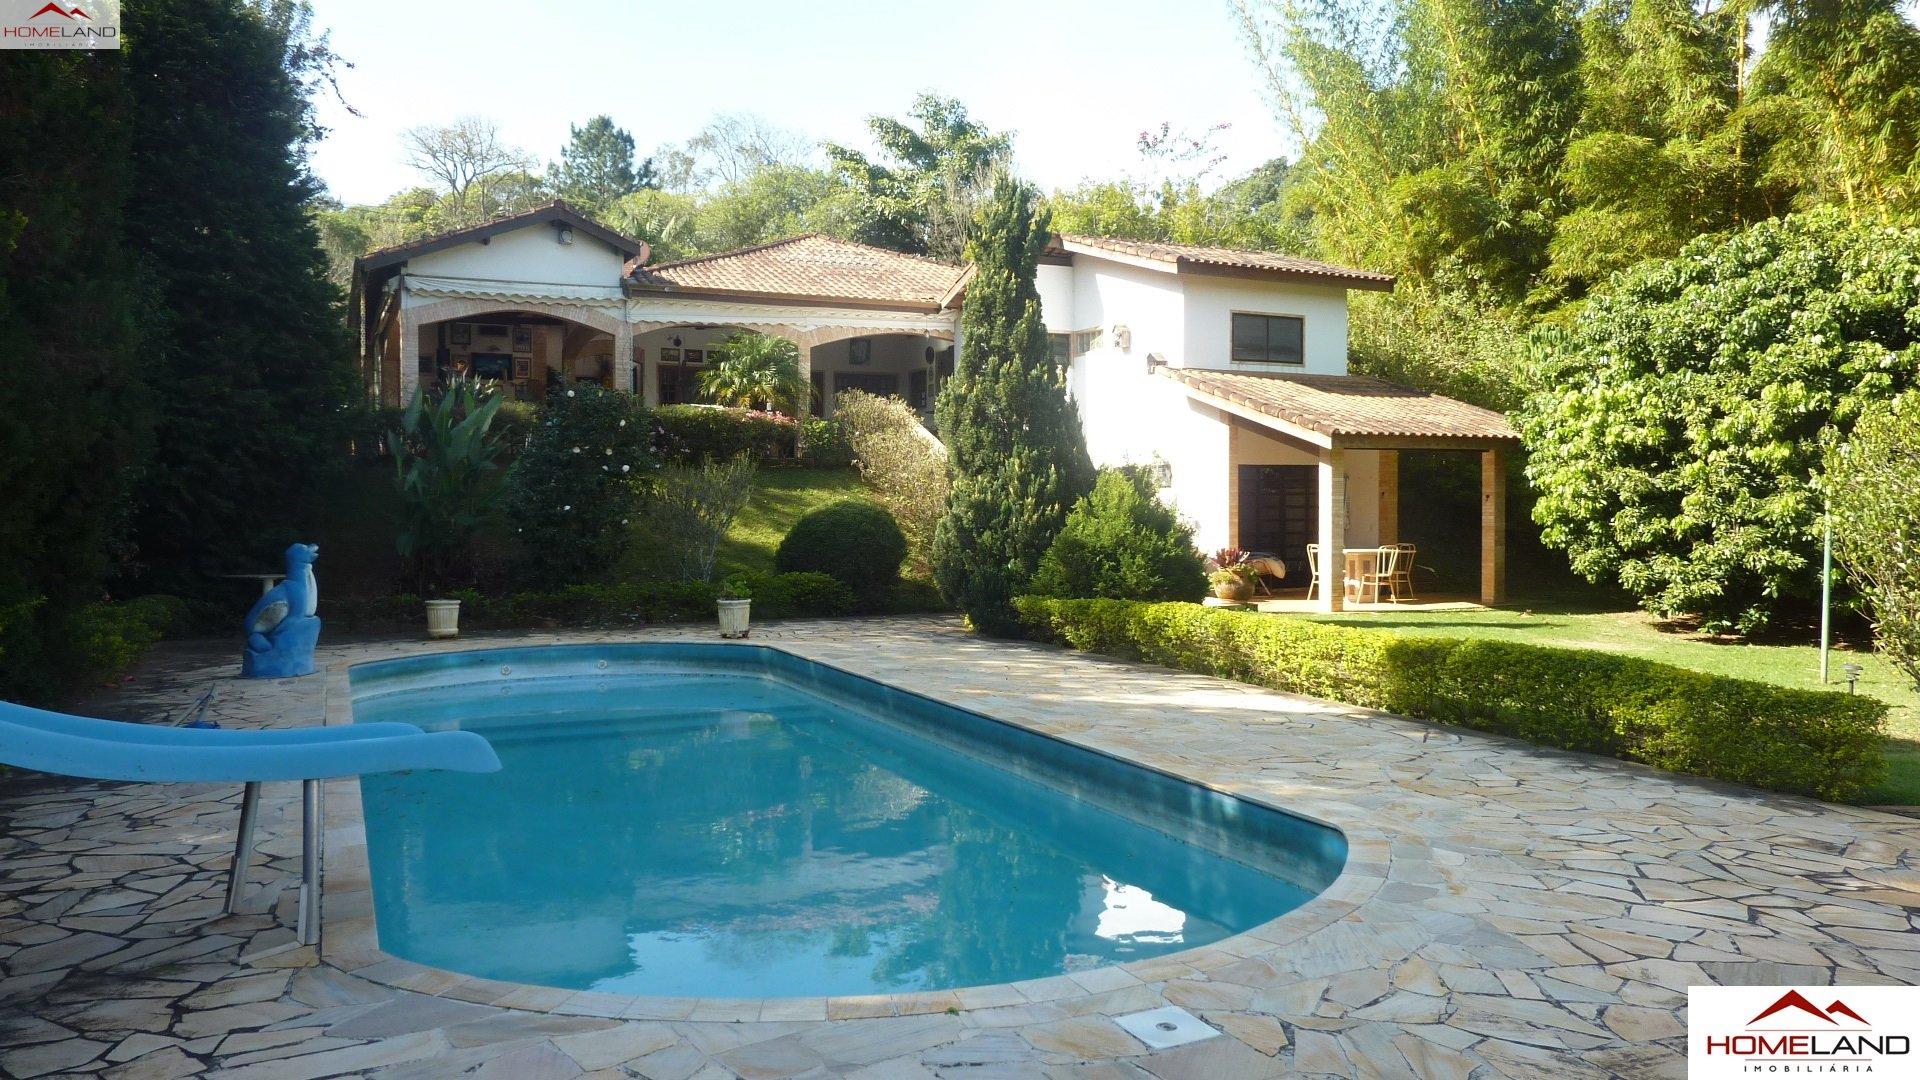 HL-136 Vende-se casa térrea com 5 dormitórios e área de lazer no Patrimônio do Carmo R$ 1.250.000